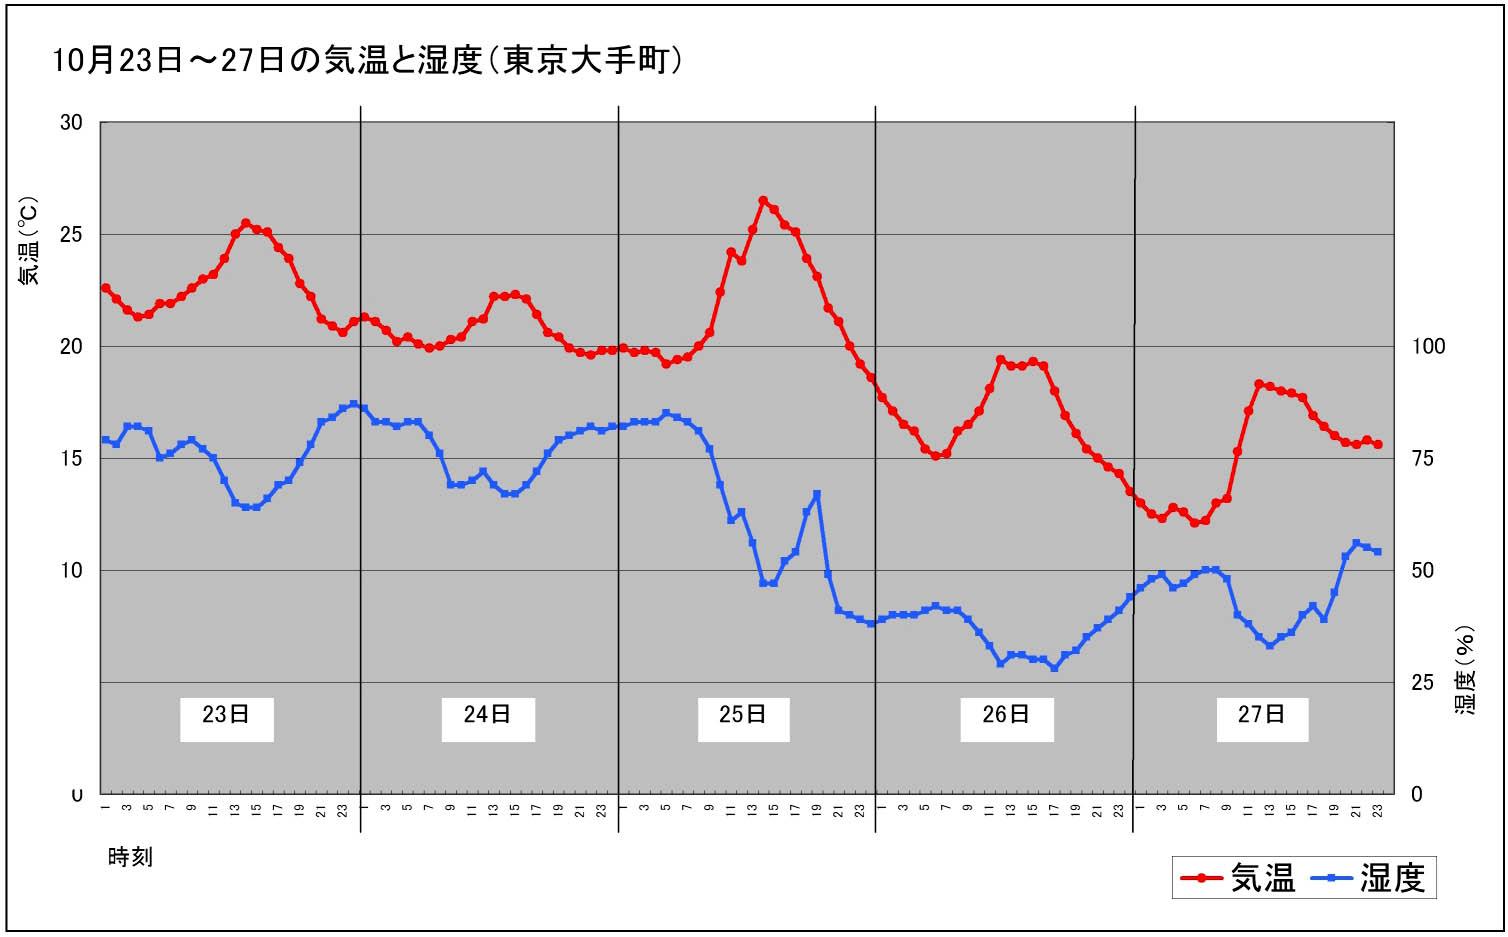 20111023~27 東京大手町気温等